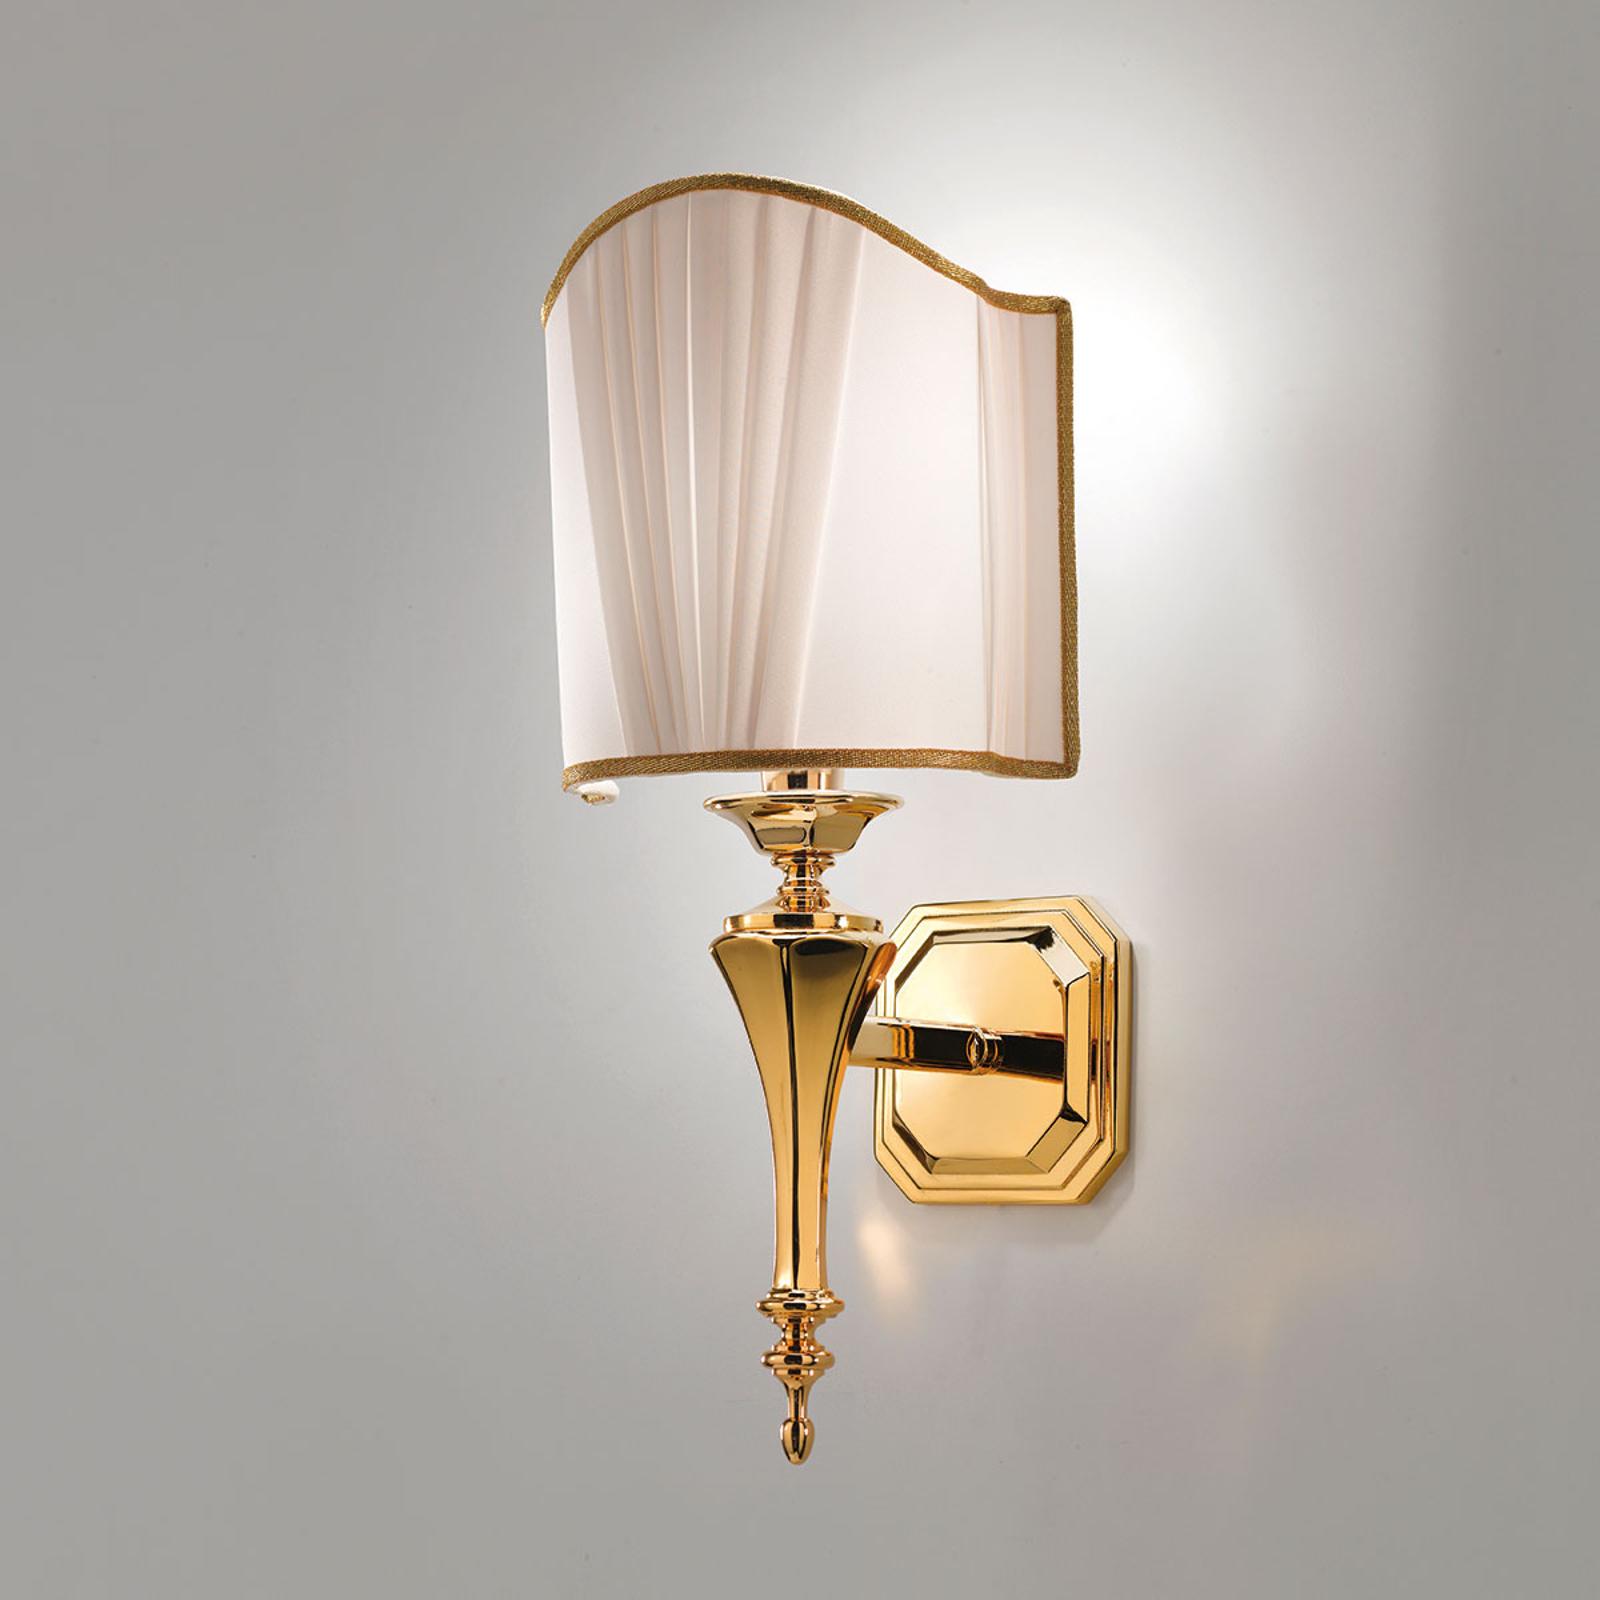 Belle Epoque - elegante applique dorata